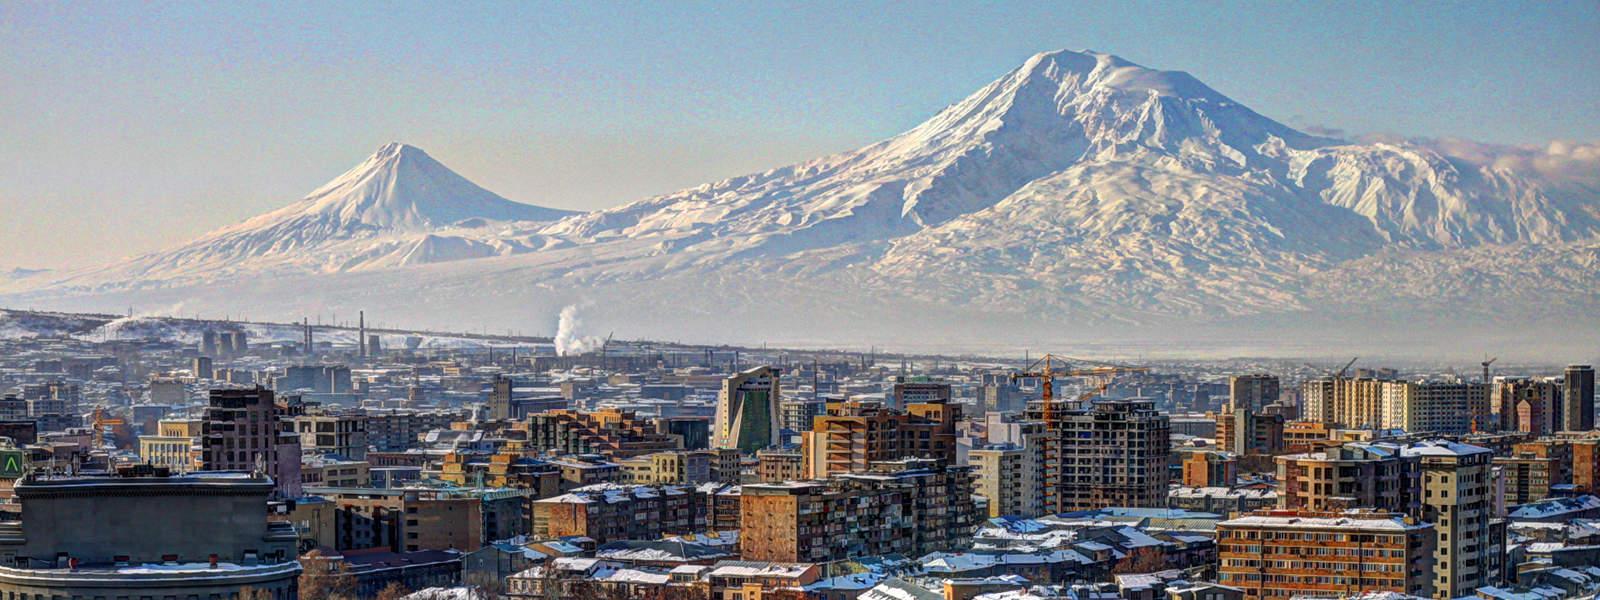 باكدج سياحي 8 أيام في أرمينيا لشخصين